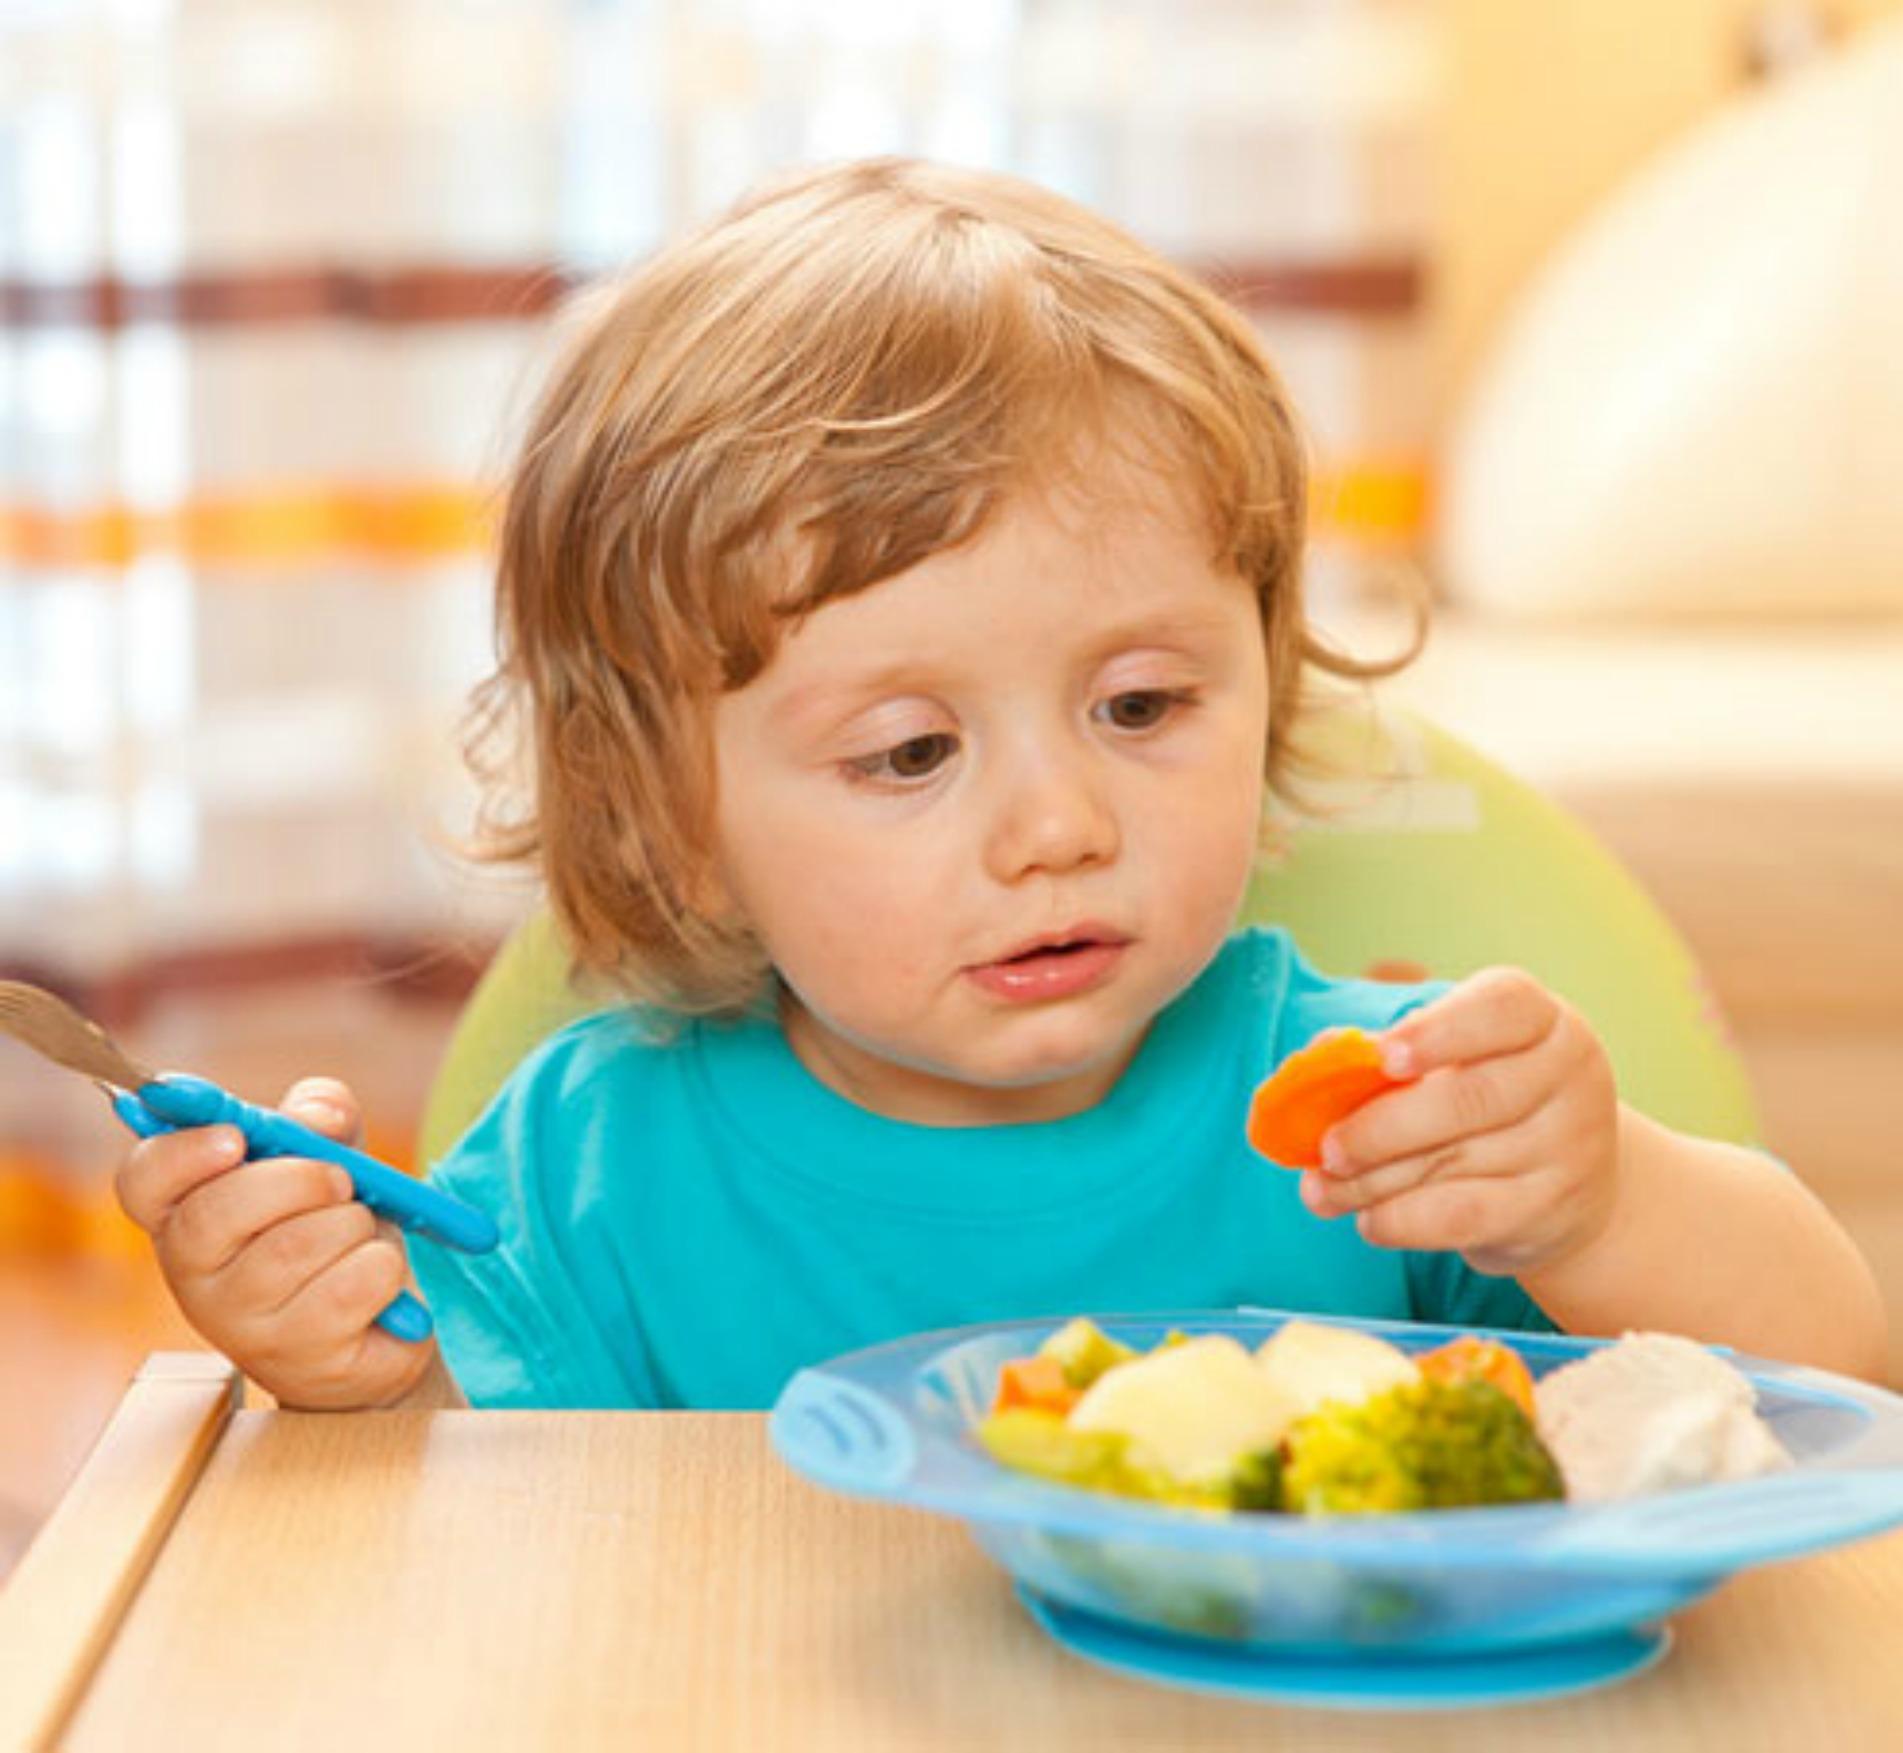 Завтрак заряжает энергией и гарантирует хорошее самочувствие в течение дня